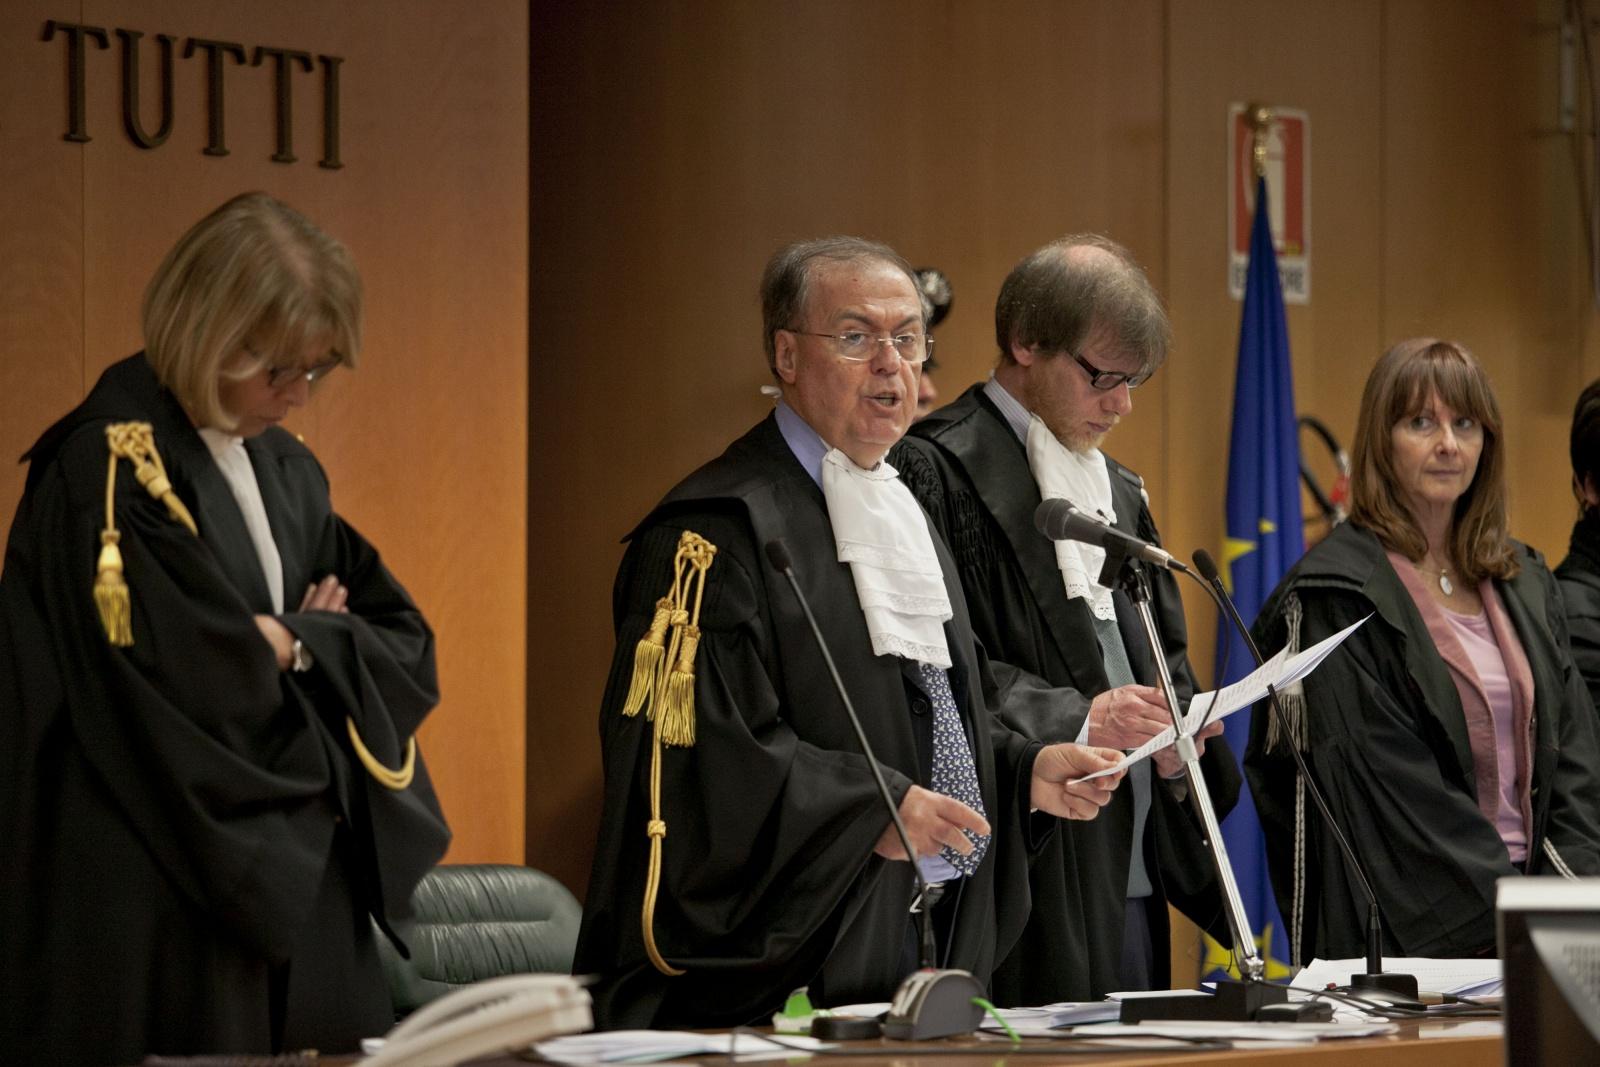 13/02/2012 Torino, Palagiustizia Bruno Caccia,  sentenza processo ETERNIT - I giudici della prima sezione penale del Tribunale di Torino, subito dopo la lettura della sentenza. Al centro: il presidente Giuseppe Casalbore.